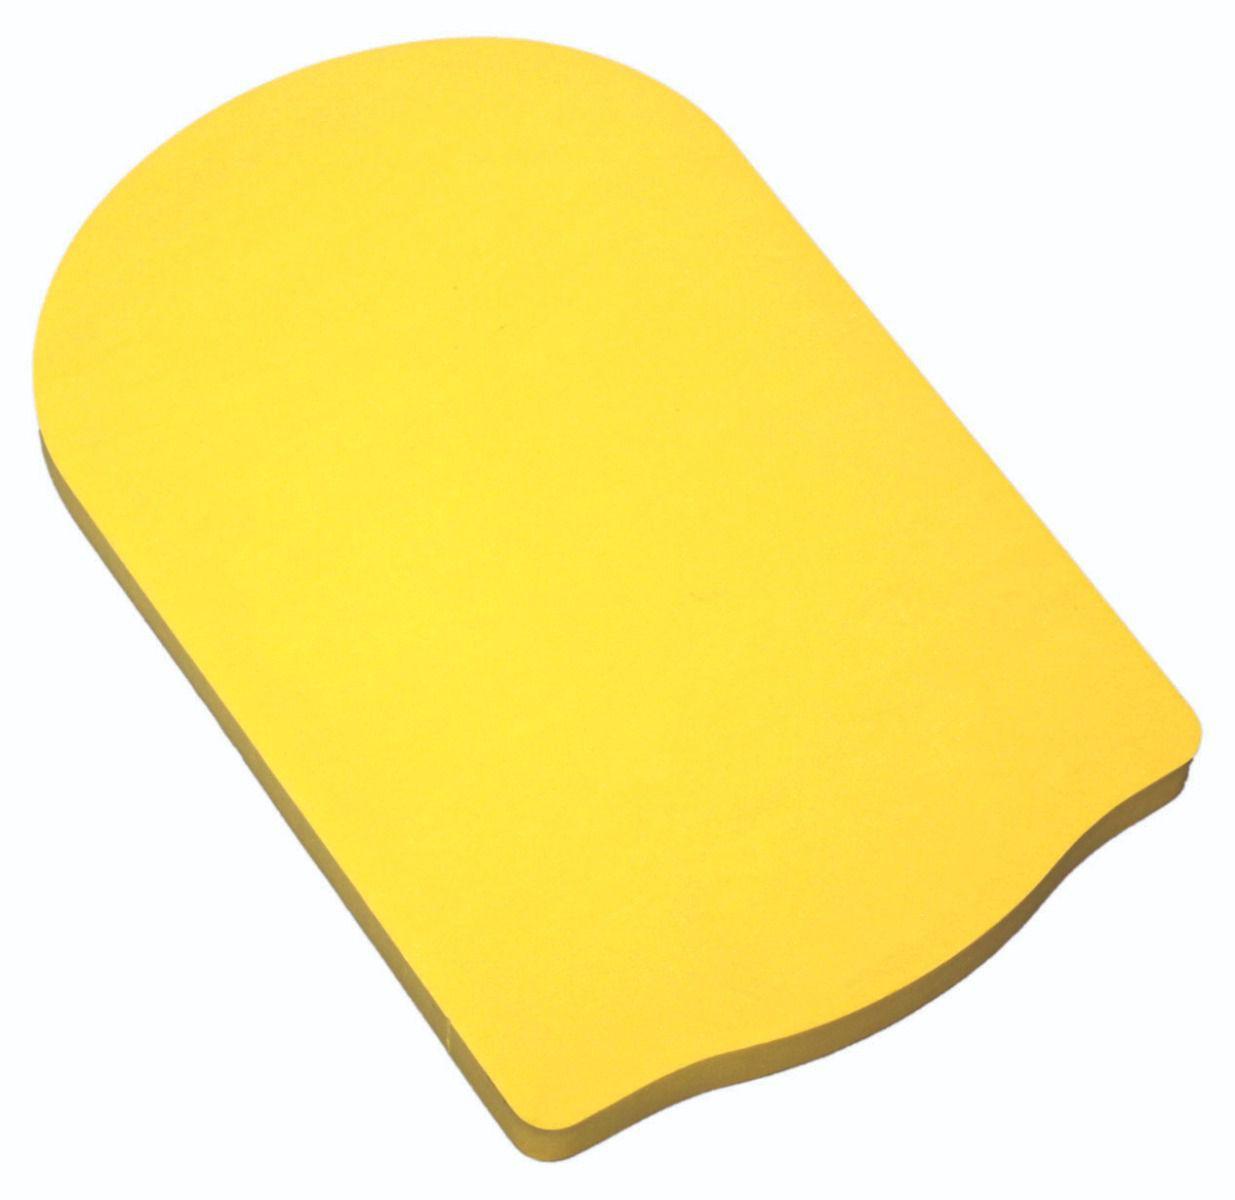 Prancha Pequena Natação Amarelo - 32x32cm 30mm